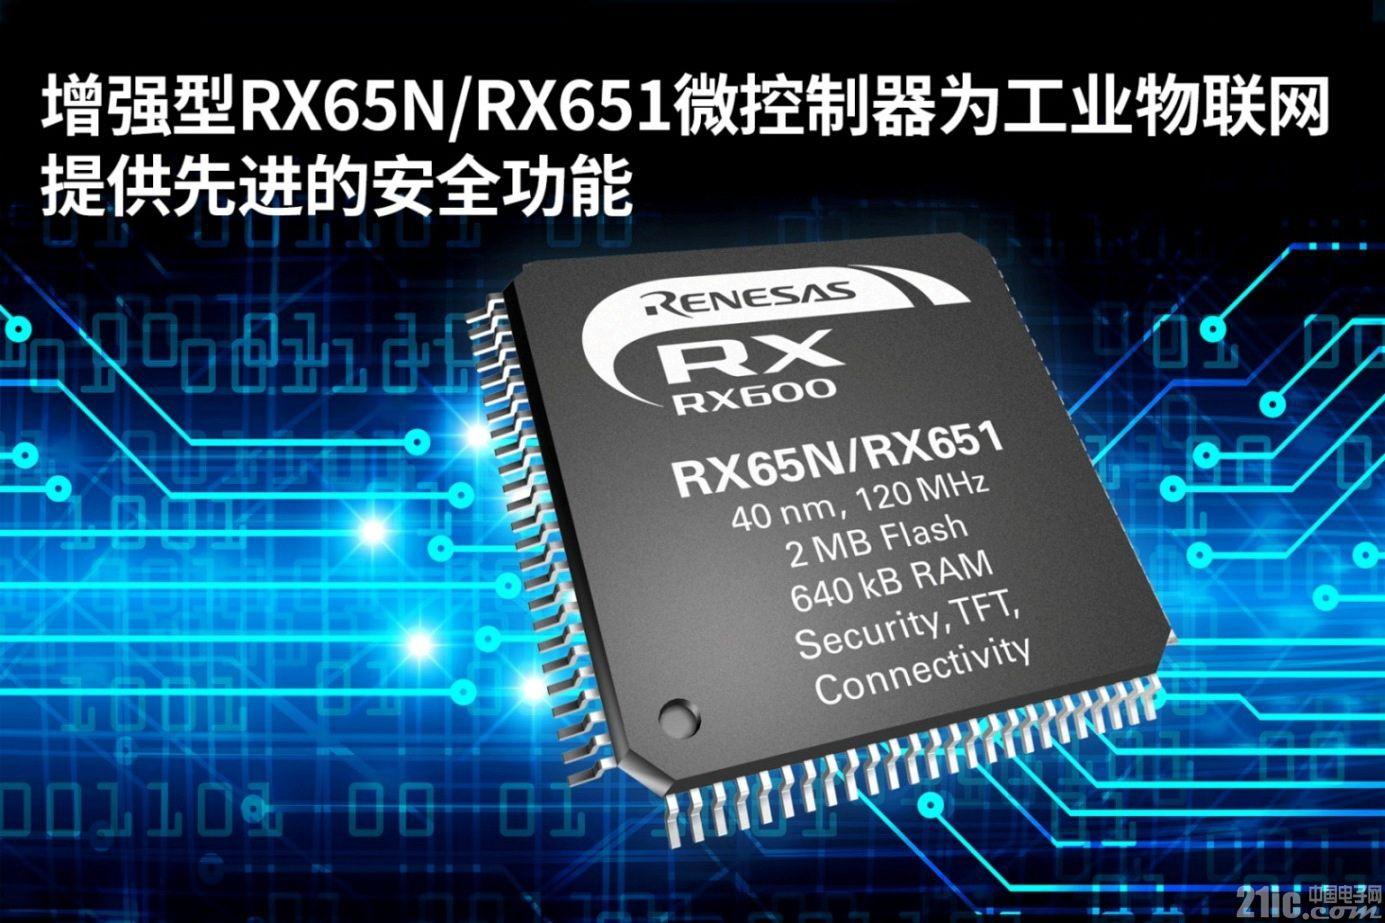 增强型RX65N-RX651微控制器为工业物联网提供先进 的安全功能.jpg